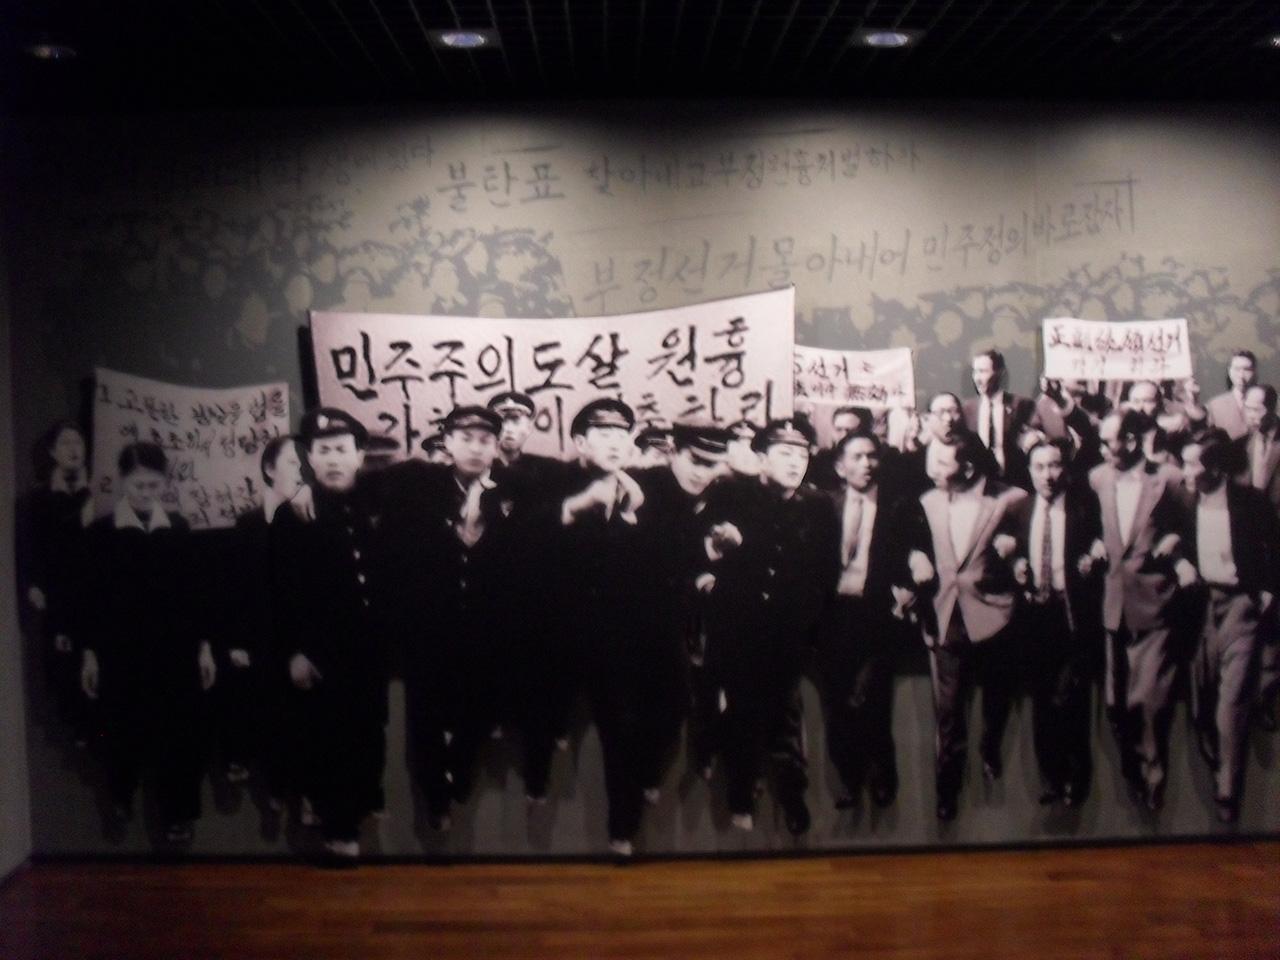 4월 혁명. 서울시 광화문광장 동편의 대한민국역사박물관에서 찍은 사진.